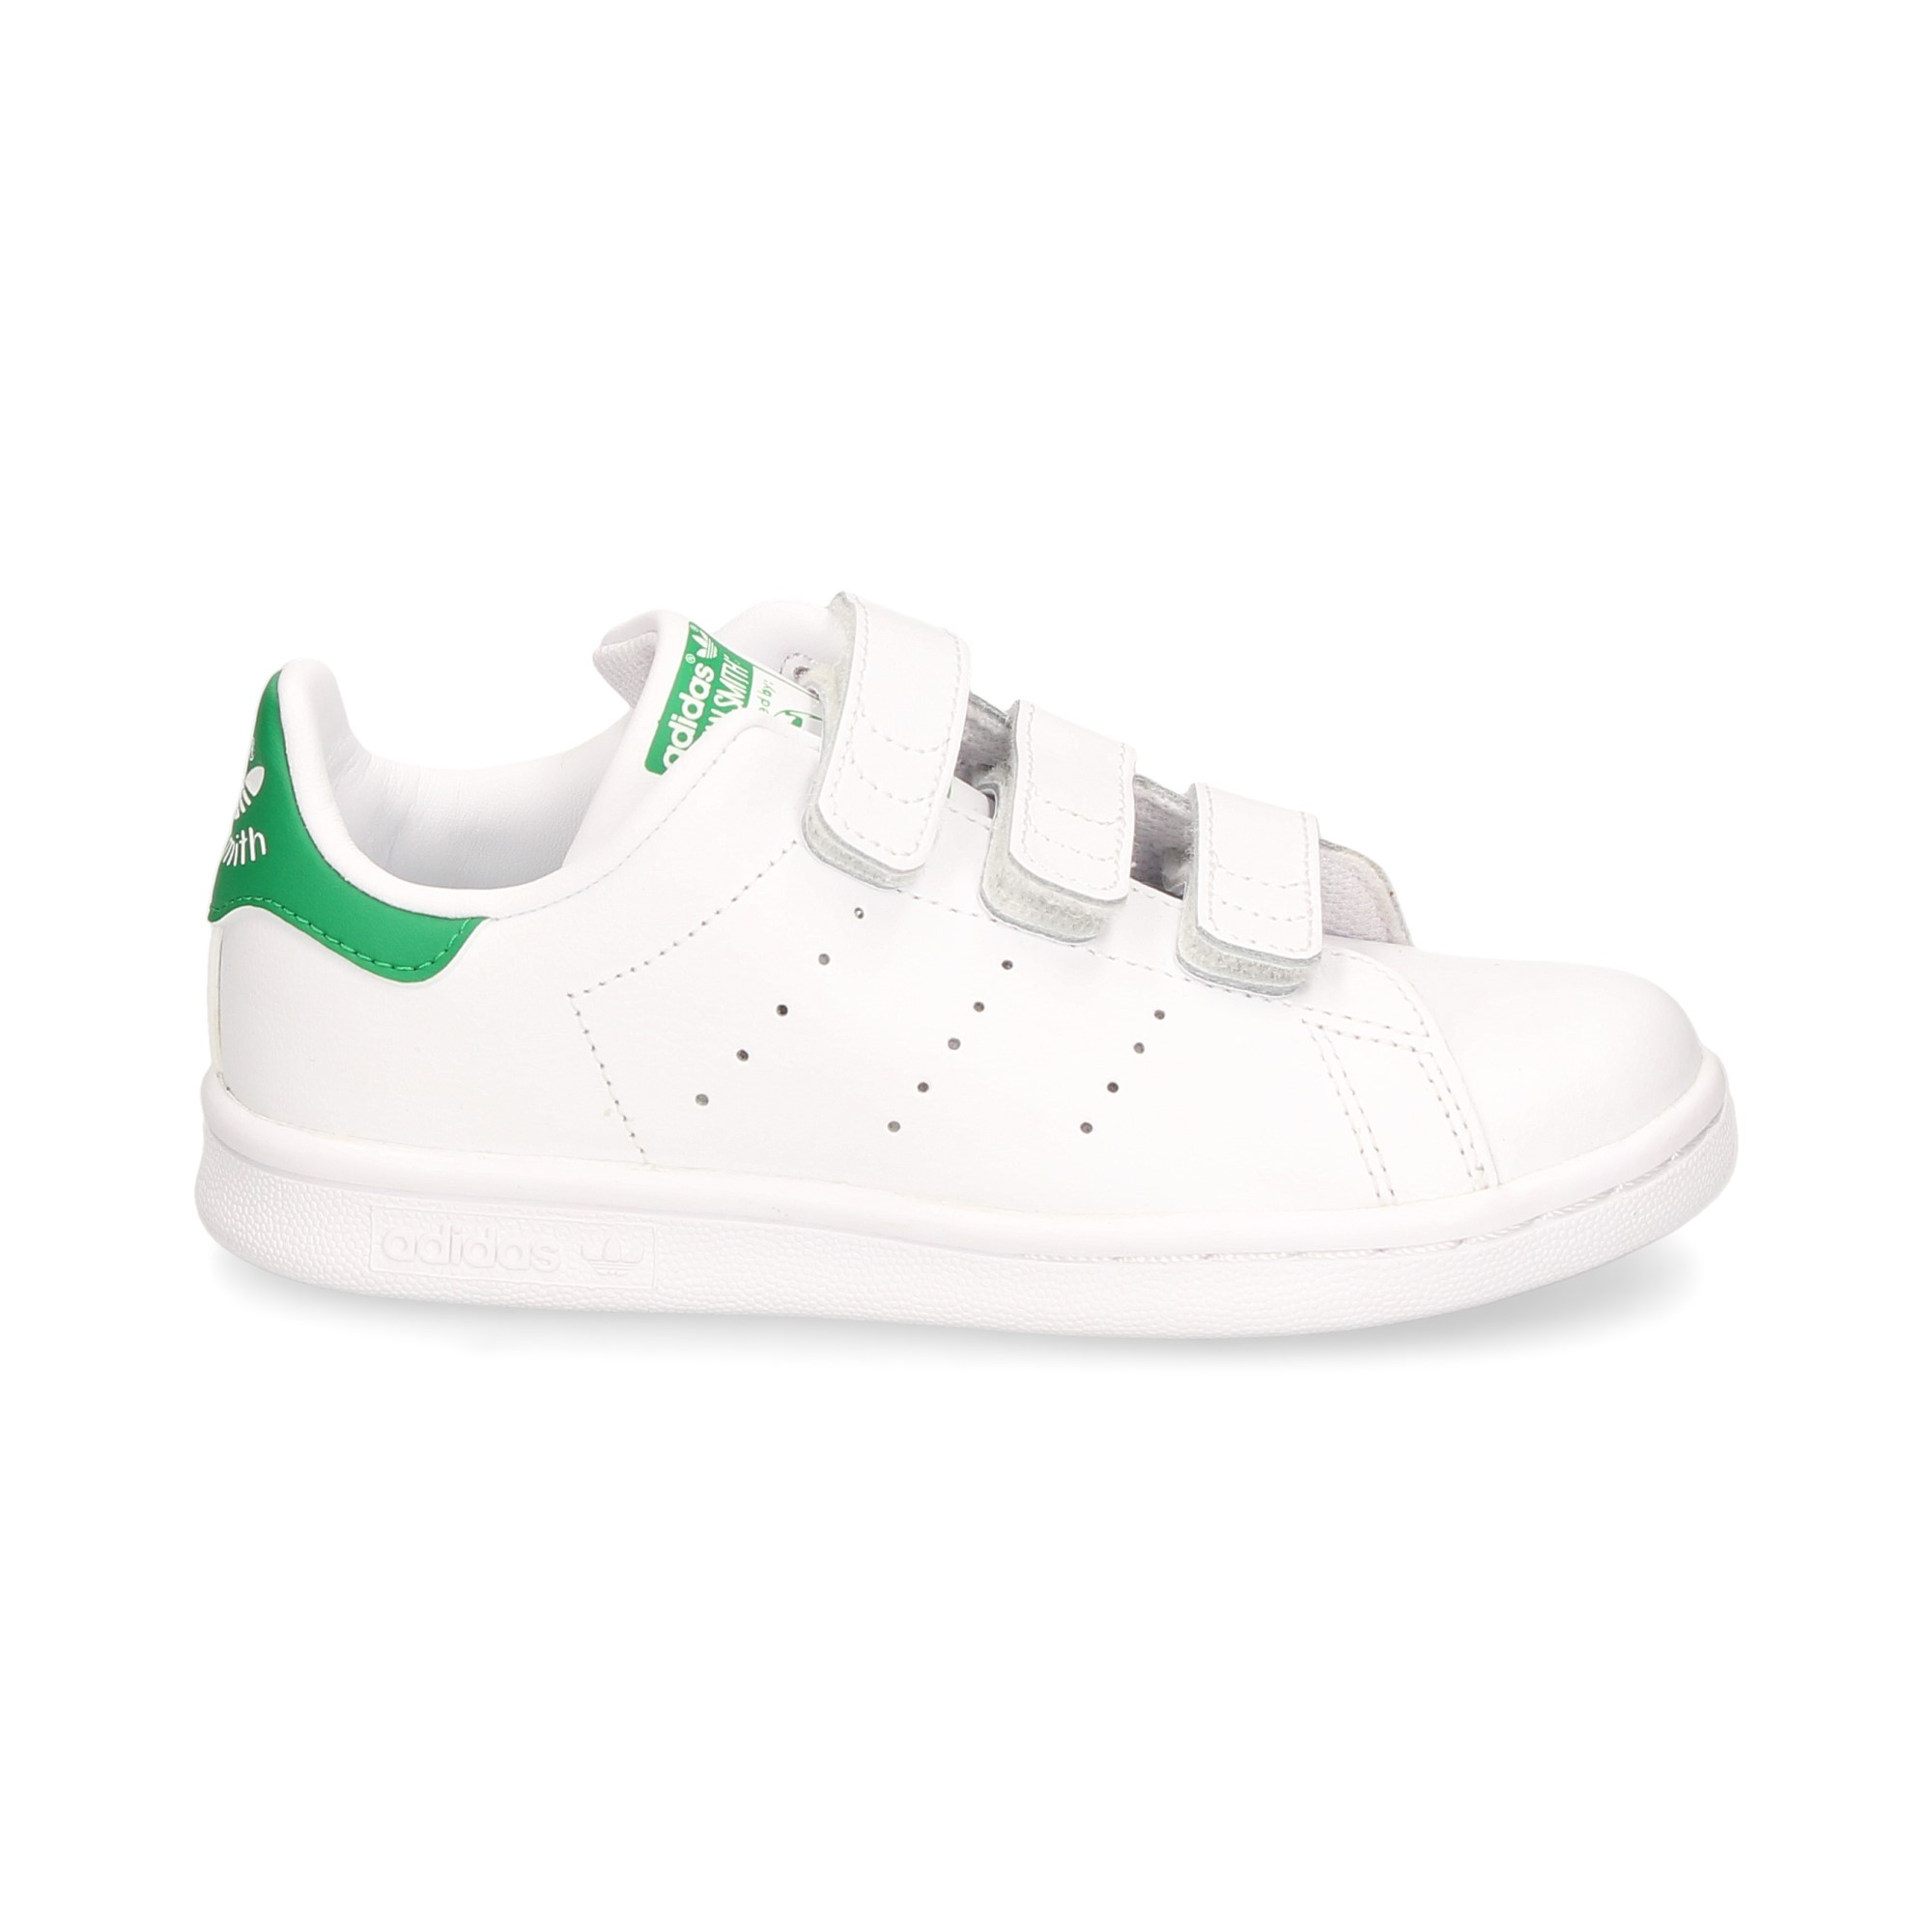 talon-verde-3-velcros-piel-blanco